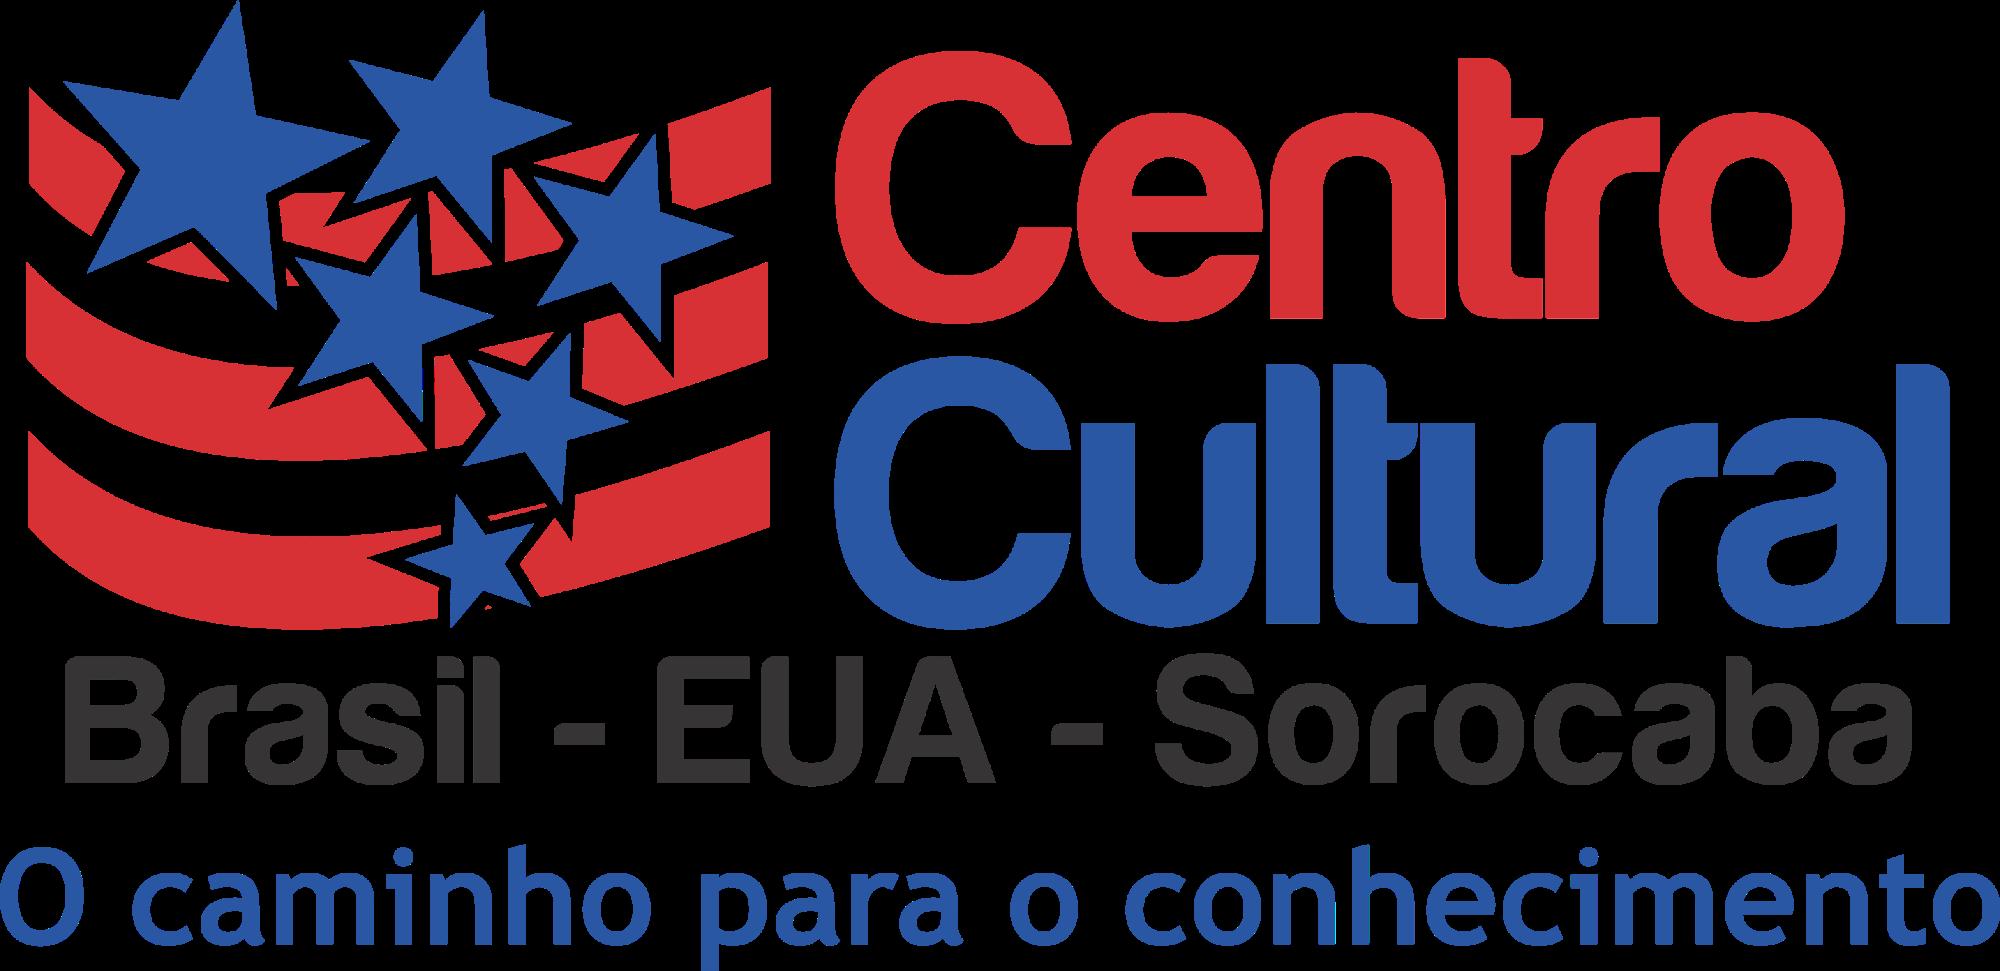 CCBEU - Centro Cultural Brasil Estados Unidos Sorocaba / UNICID